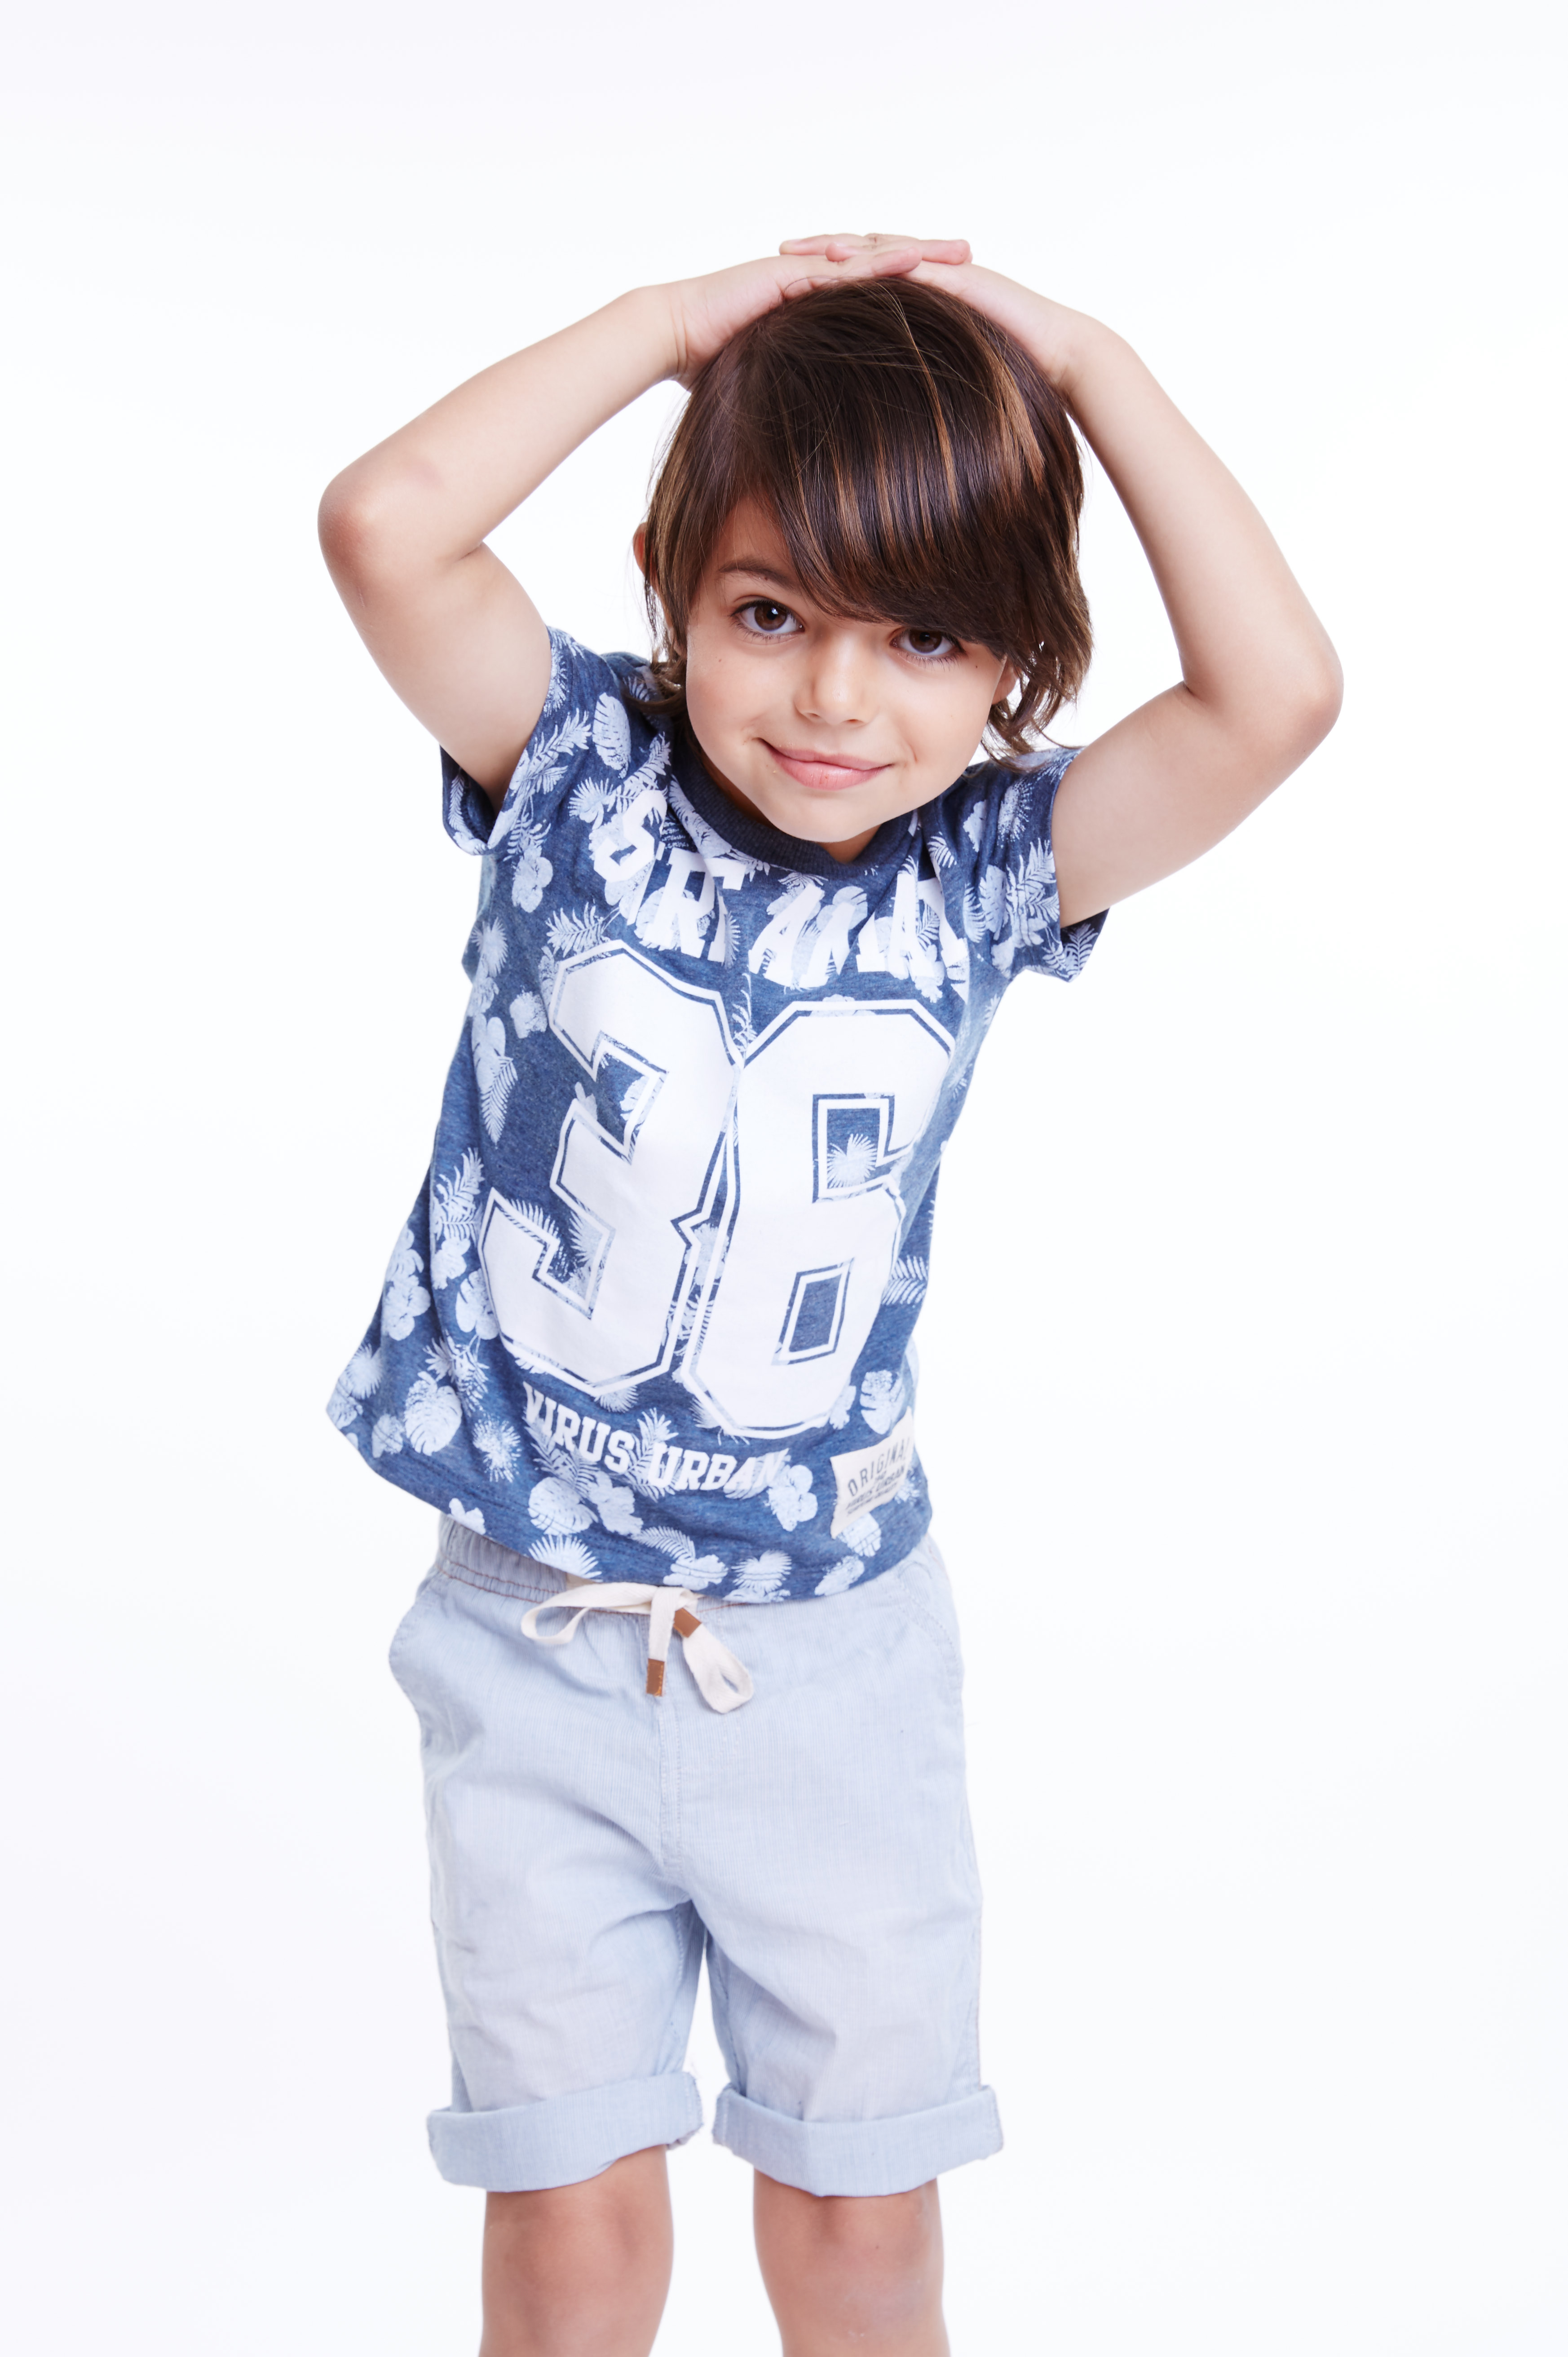 Лето не уходи: рубашки и брюки из летней коллекции Honigman Kids – всего 24.90